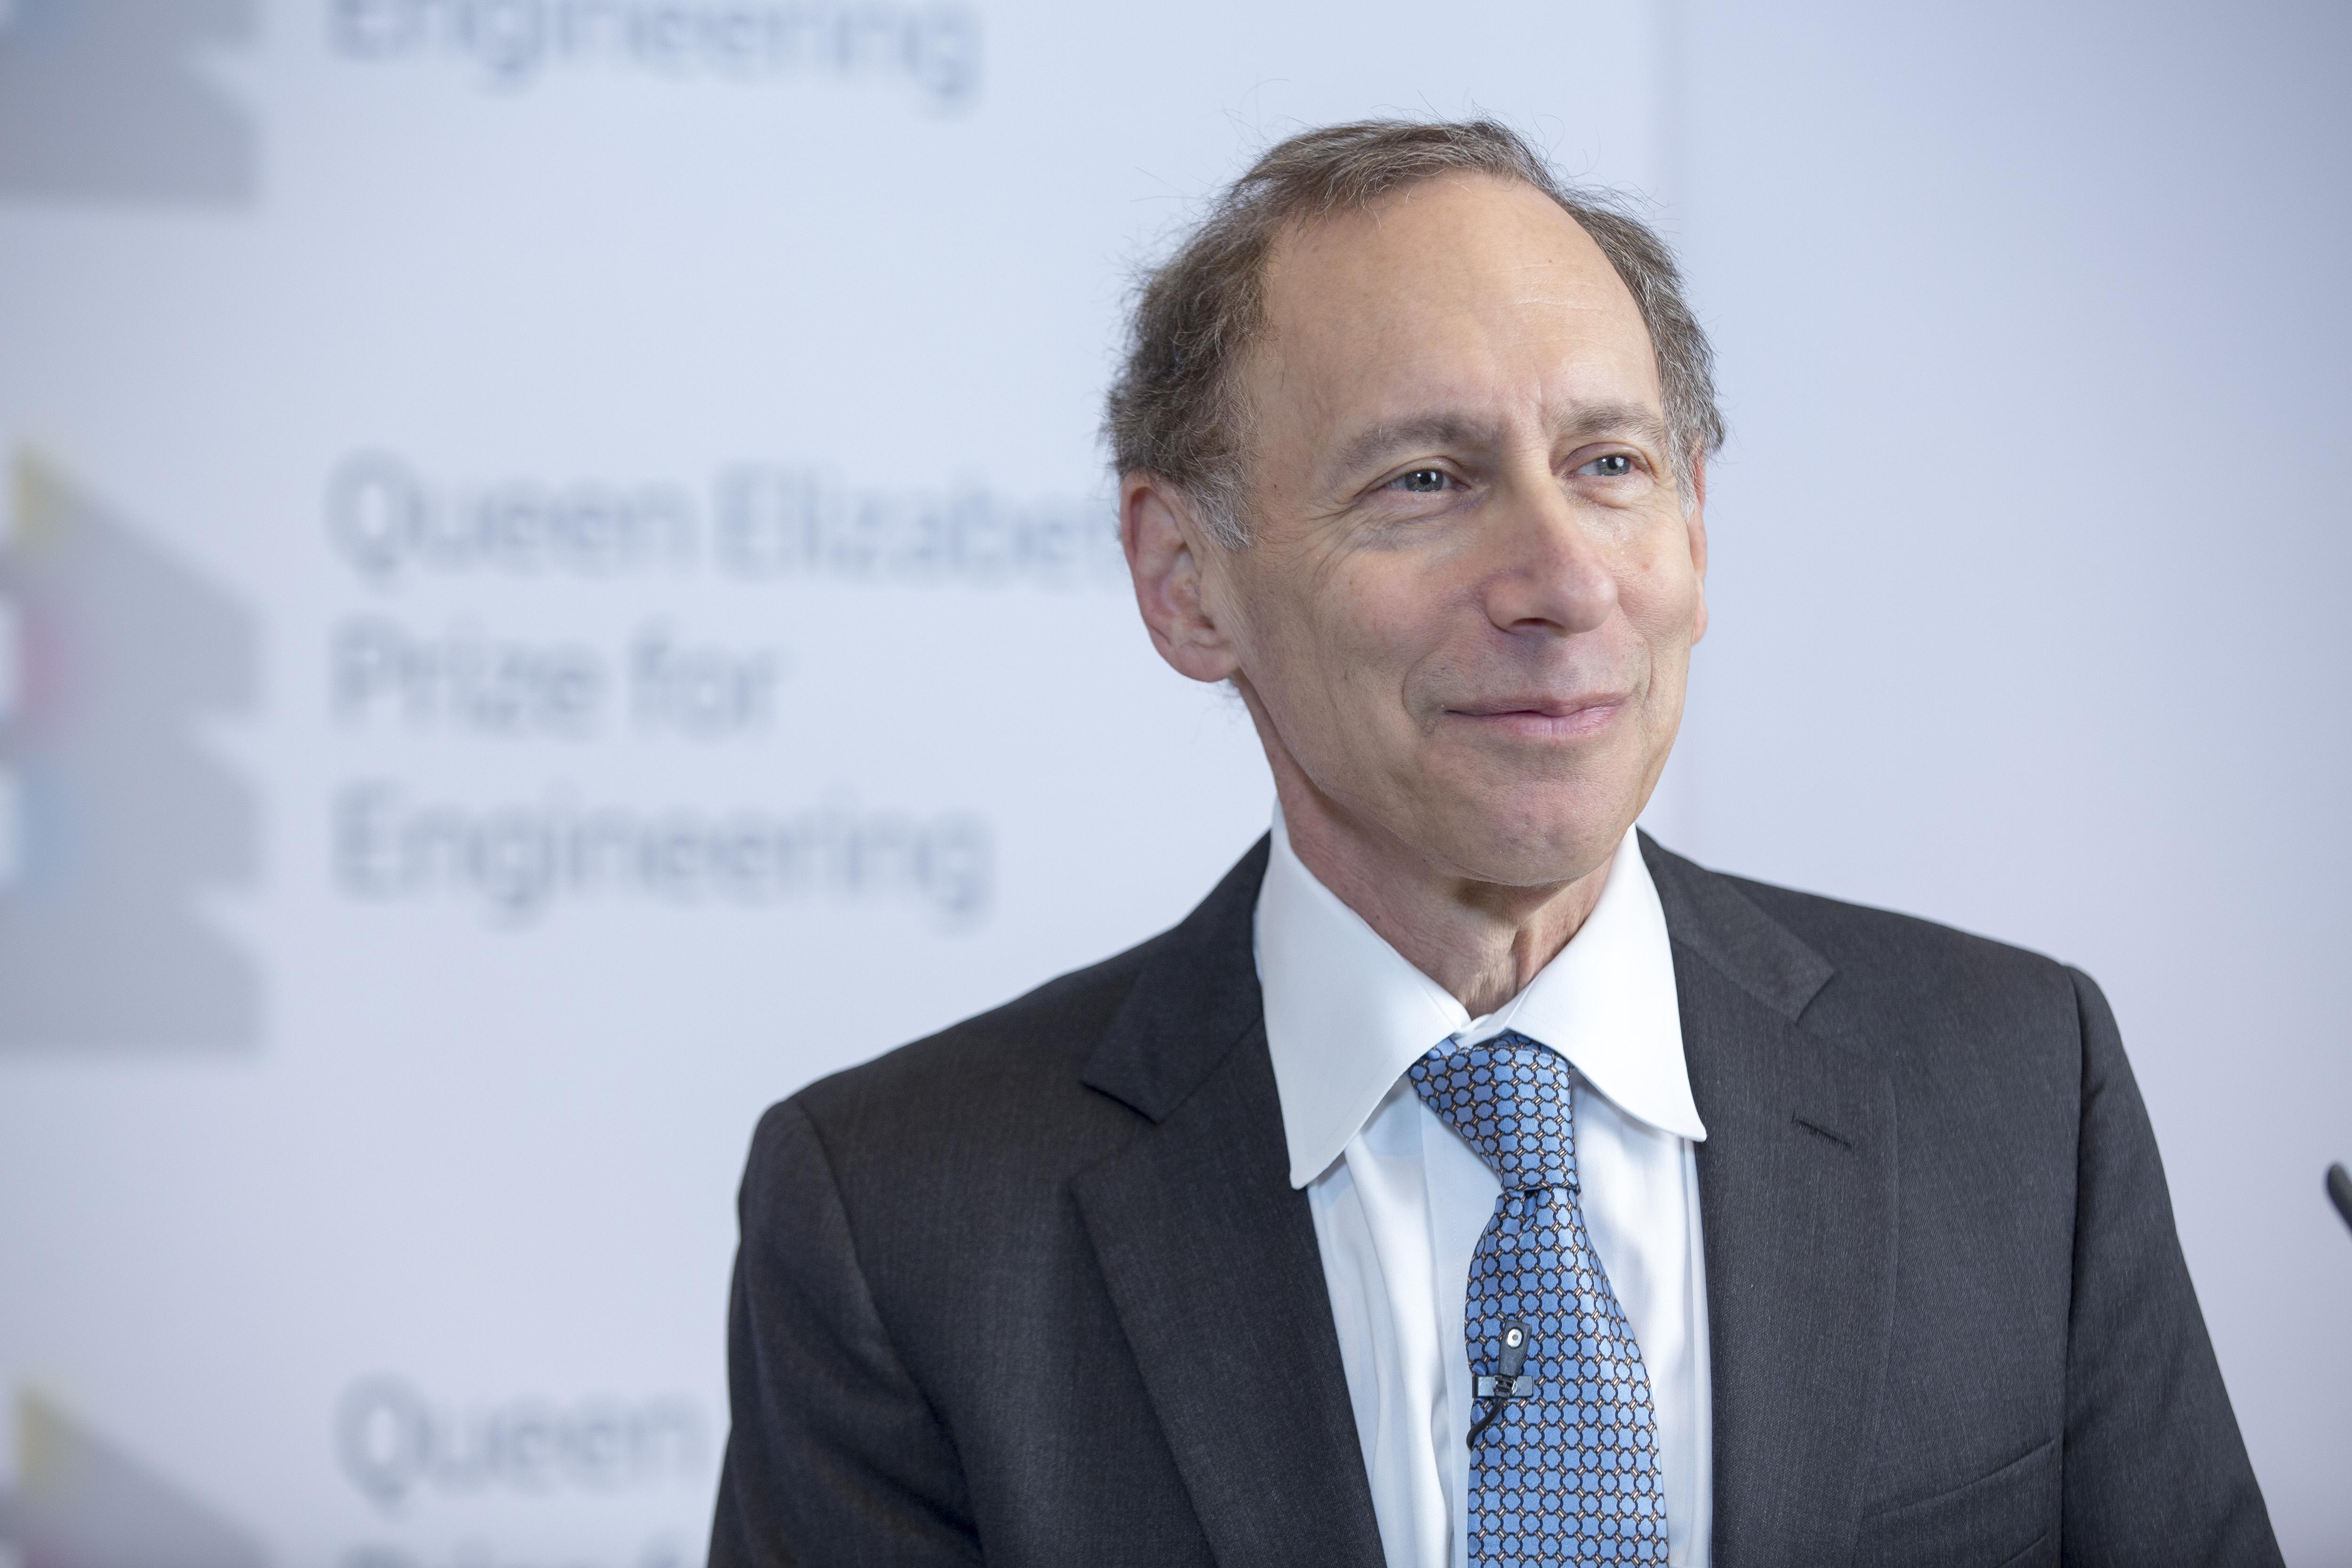 Dr Robert Langer